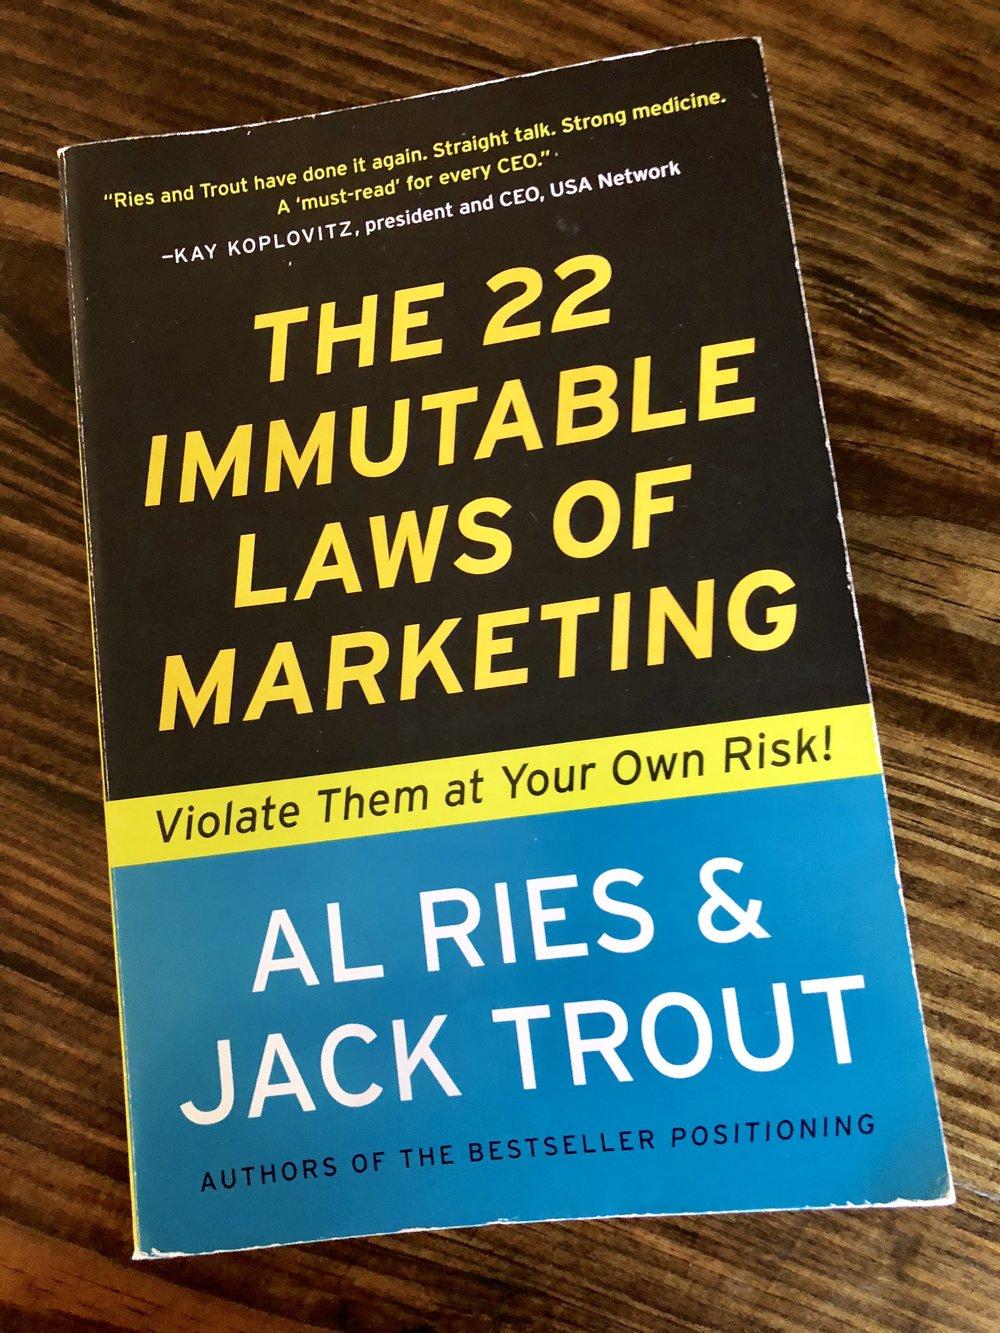 22 قانونا راسخا فى التسويق - للكاتبان آل رايس وجاك تراوت